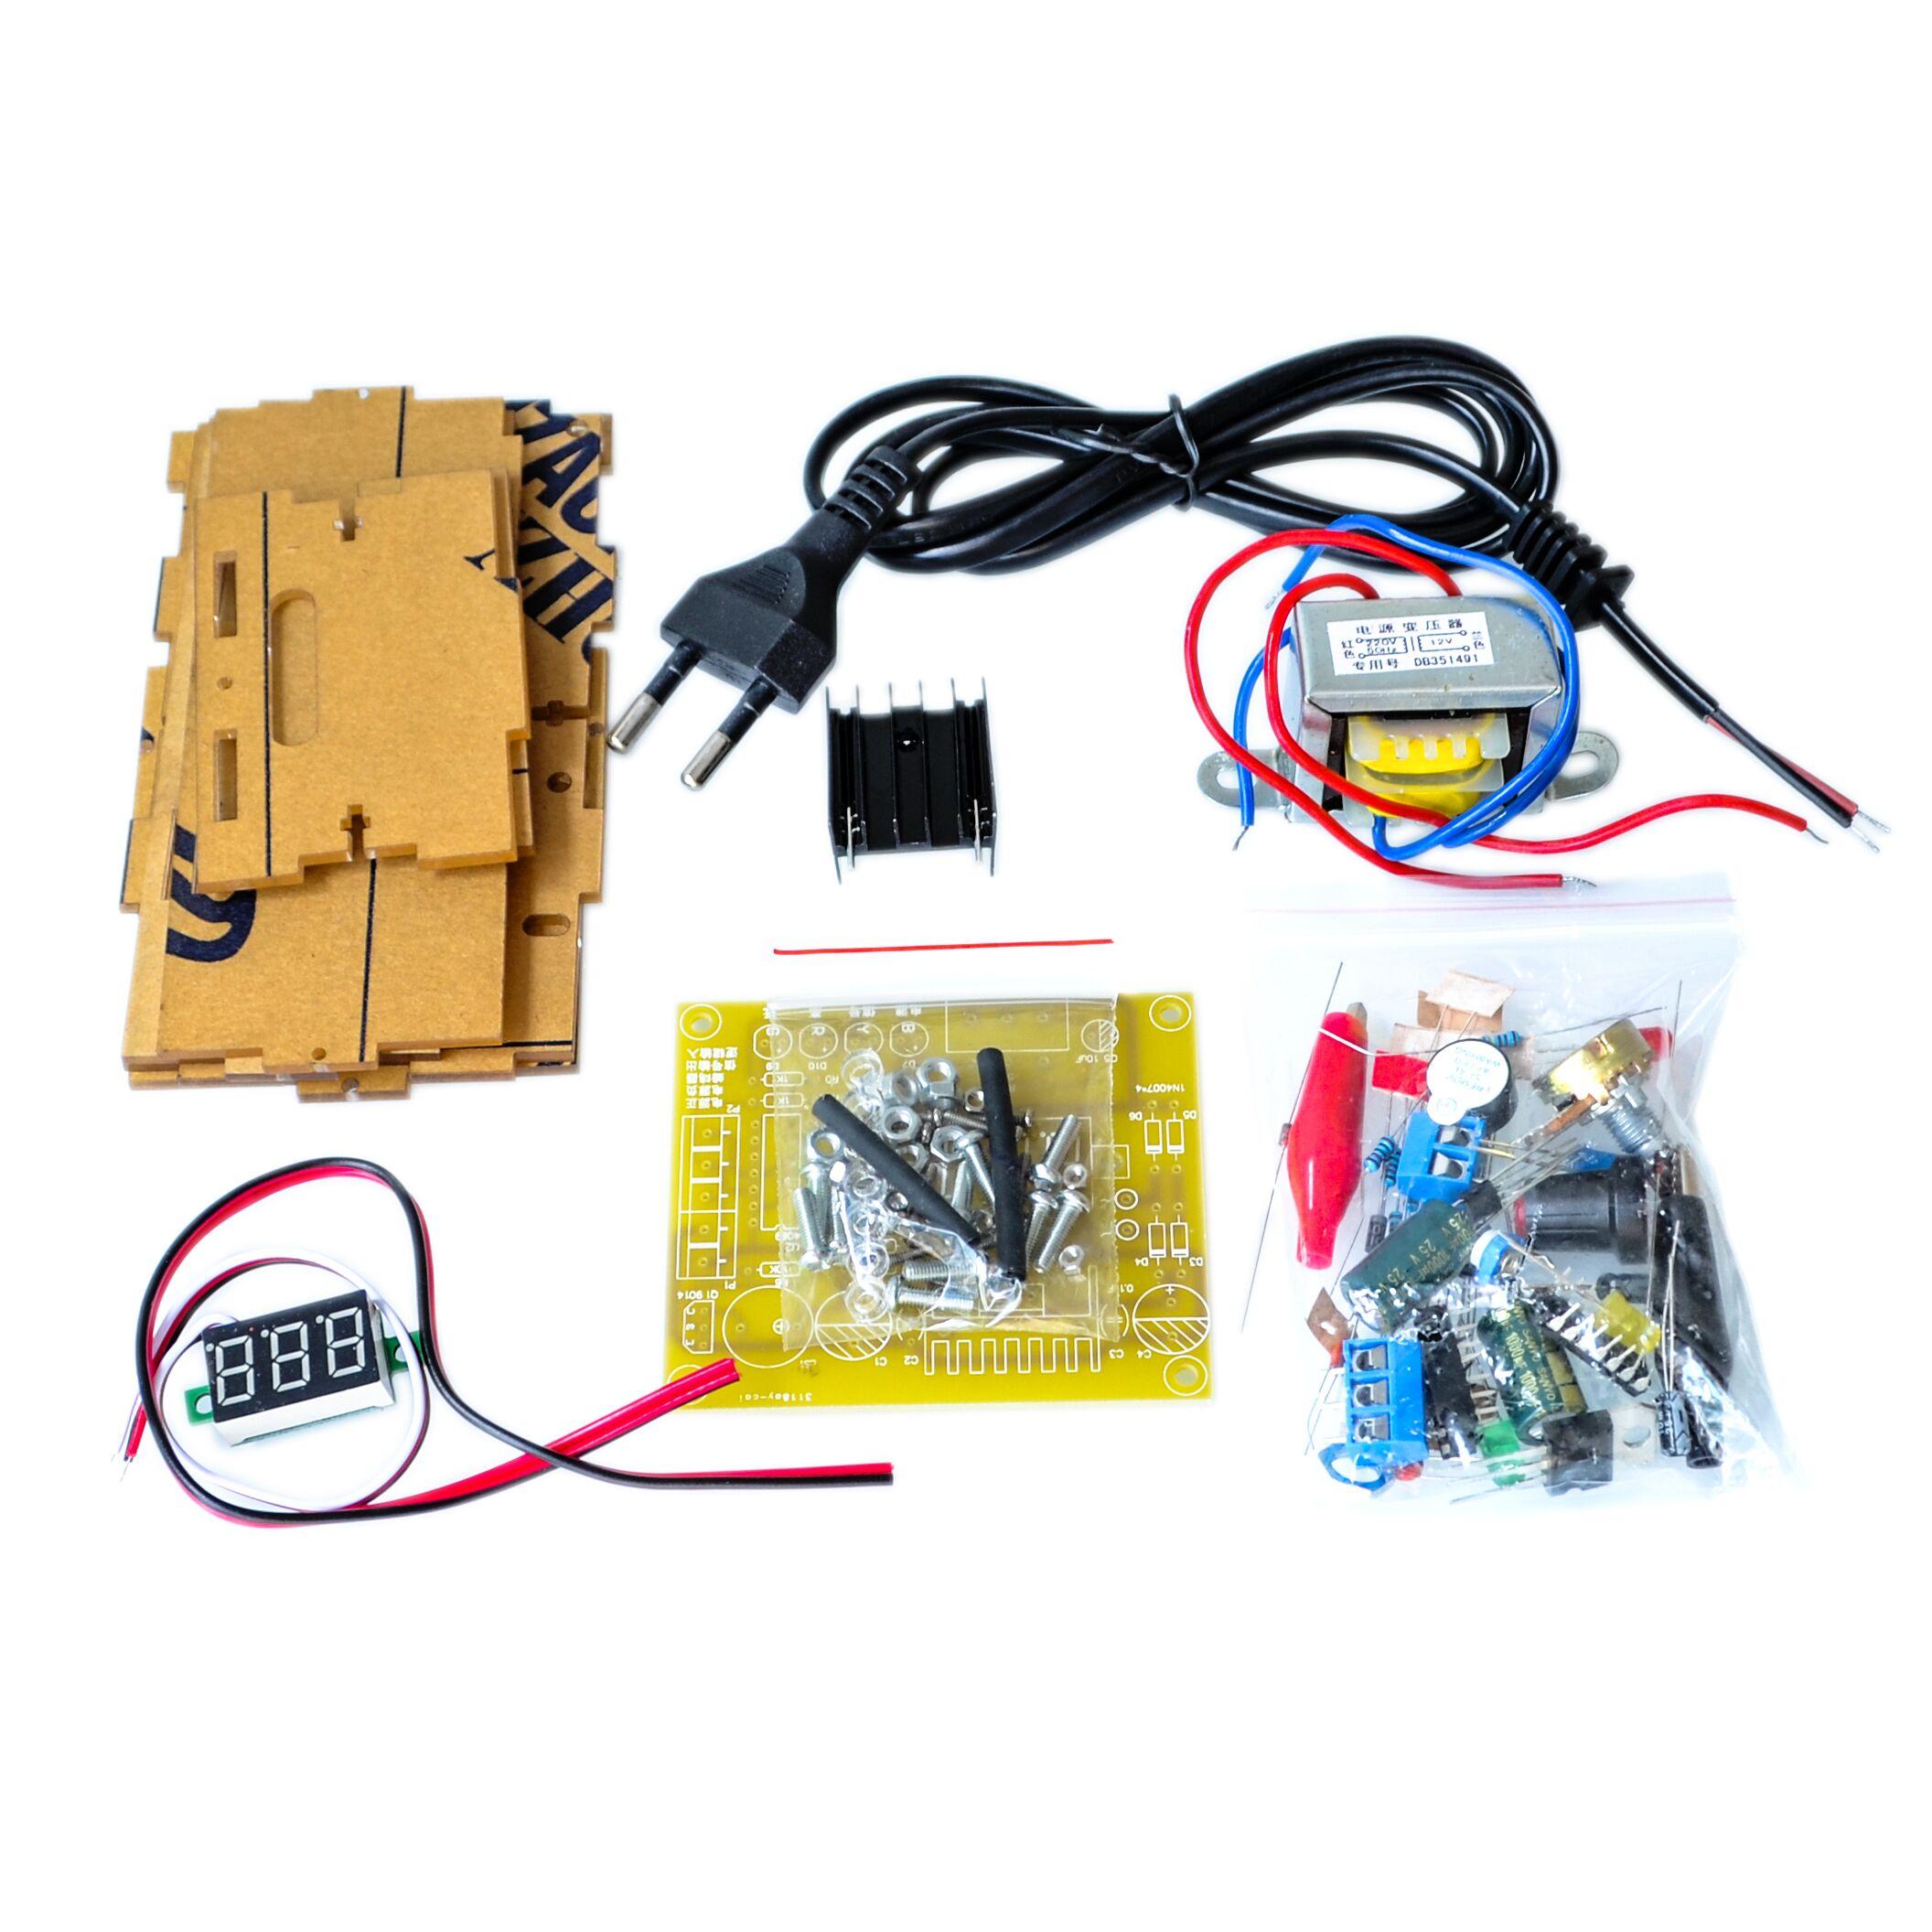 Electronic diy parts lm317 adjustable voltage regulator board kit power supply kit transformer